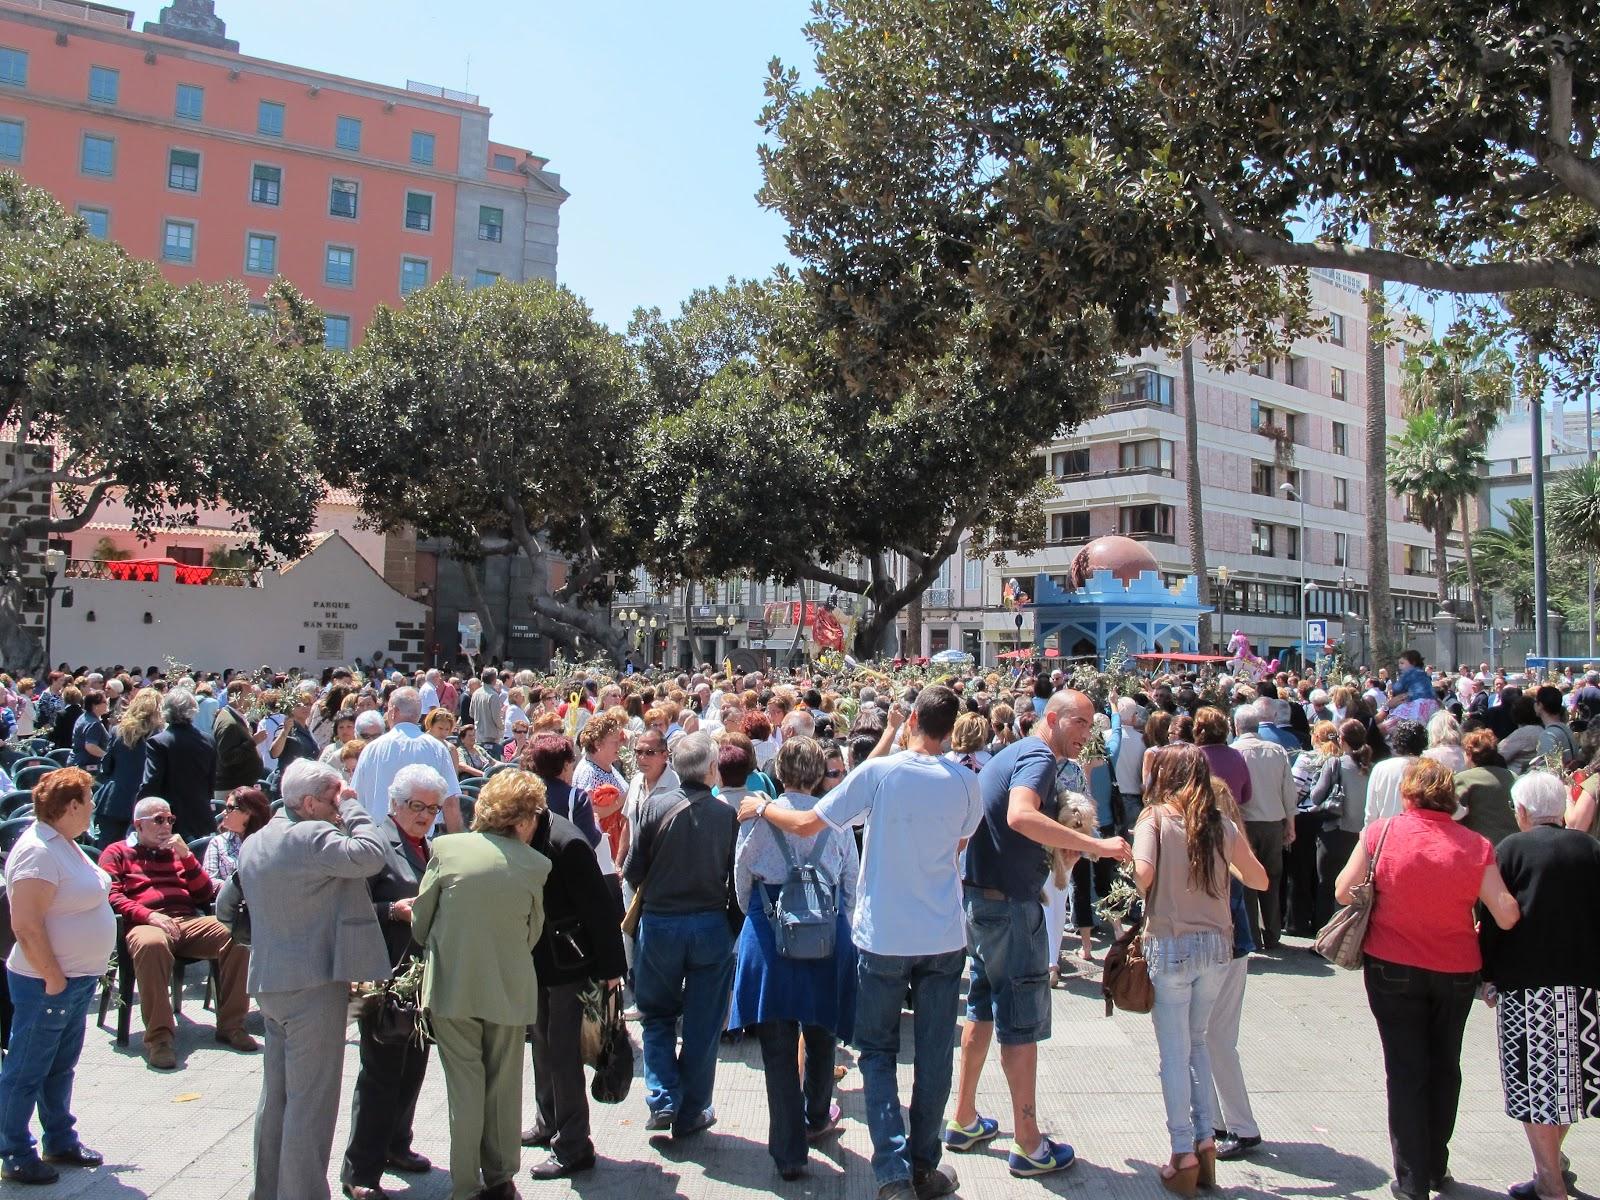 Eventos y cultura en gran canaria fotos de la procesi n - Eventos gran canaria ...